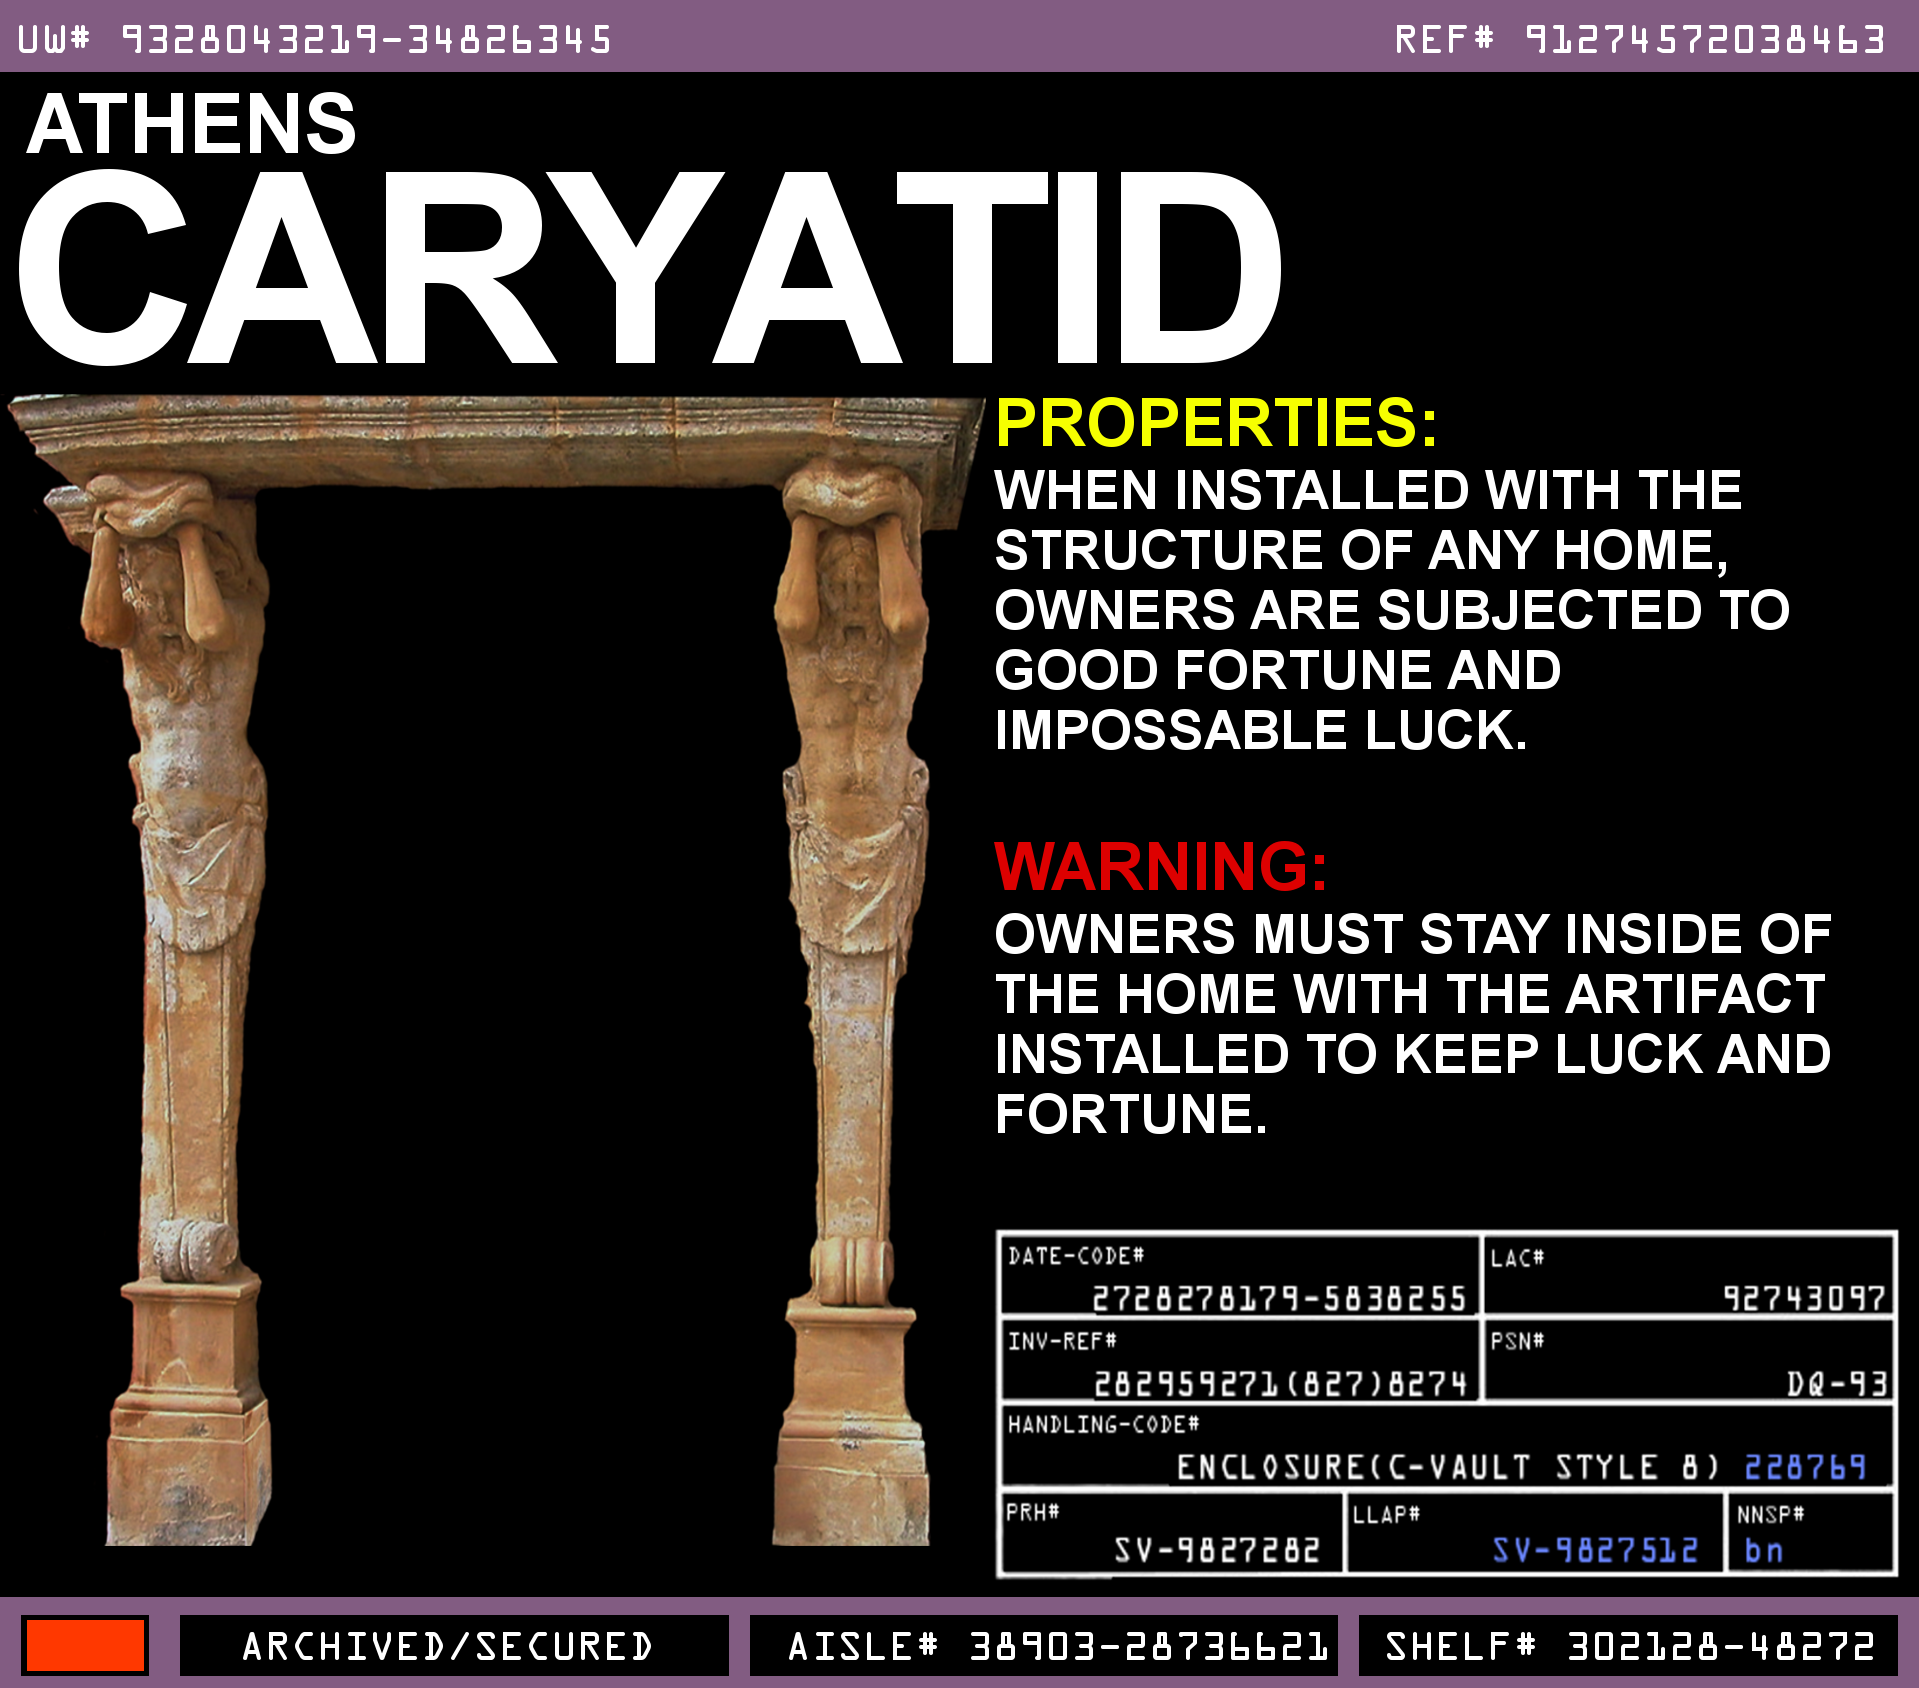 Athens Caryatid